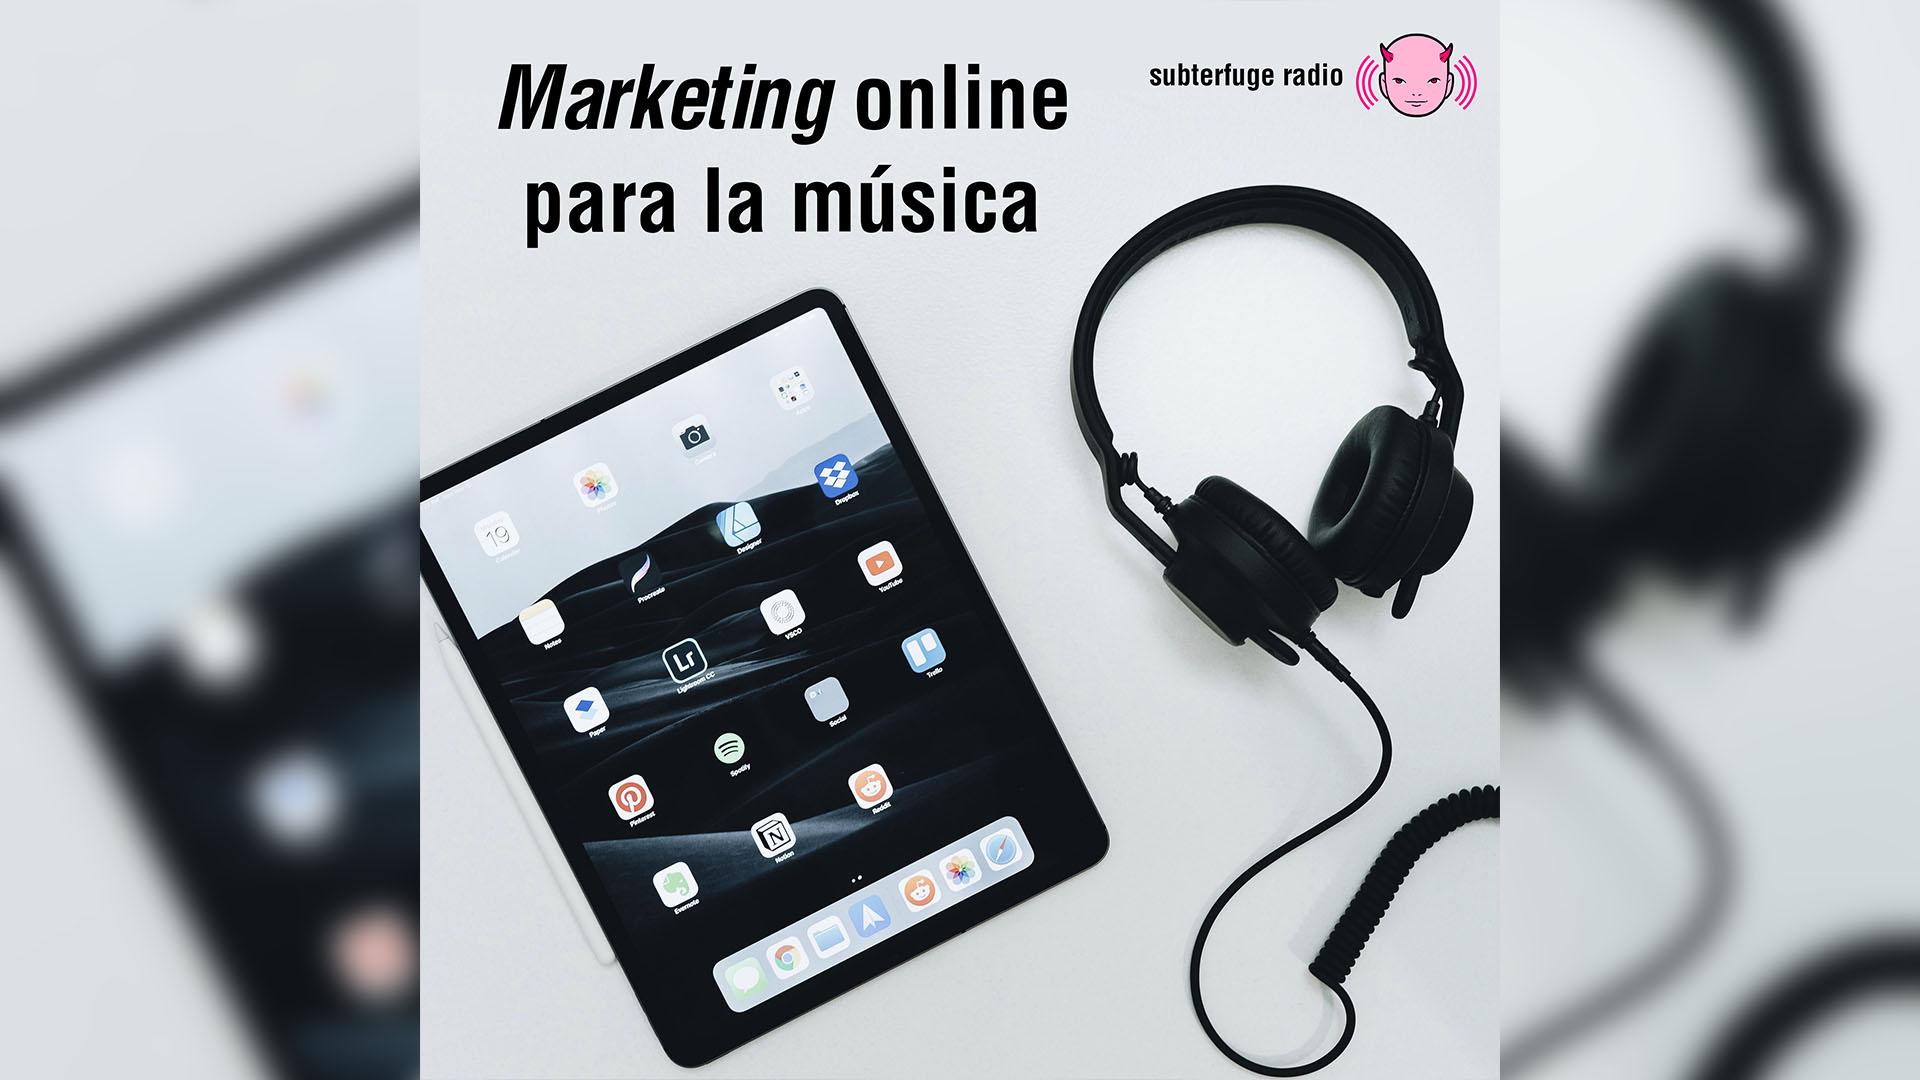 Marketing online para la música